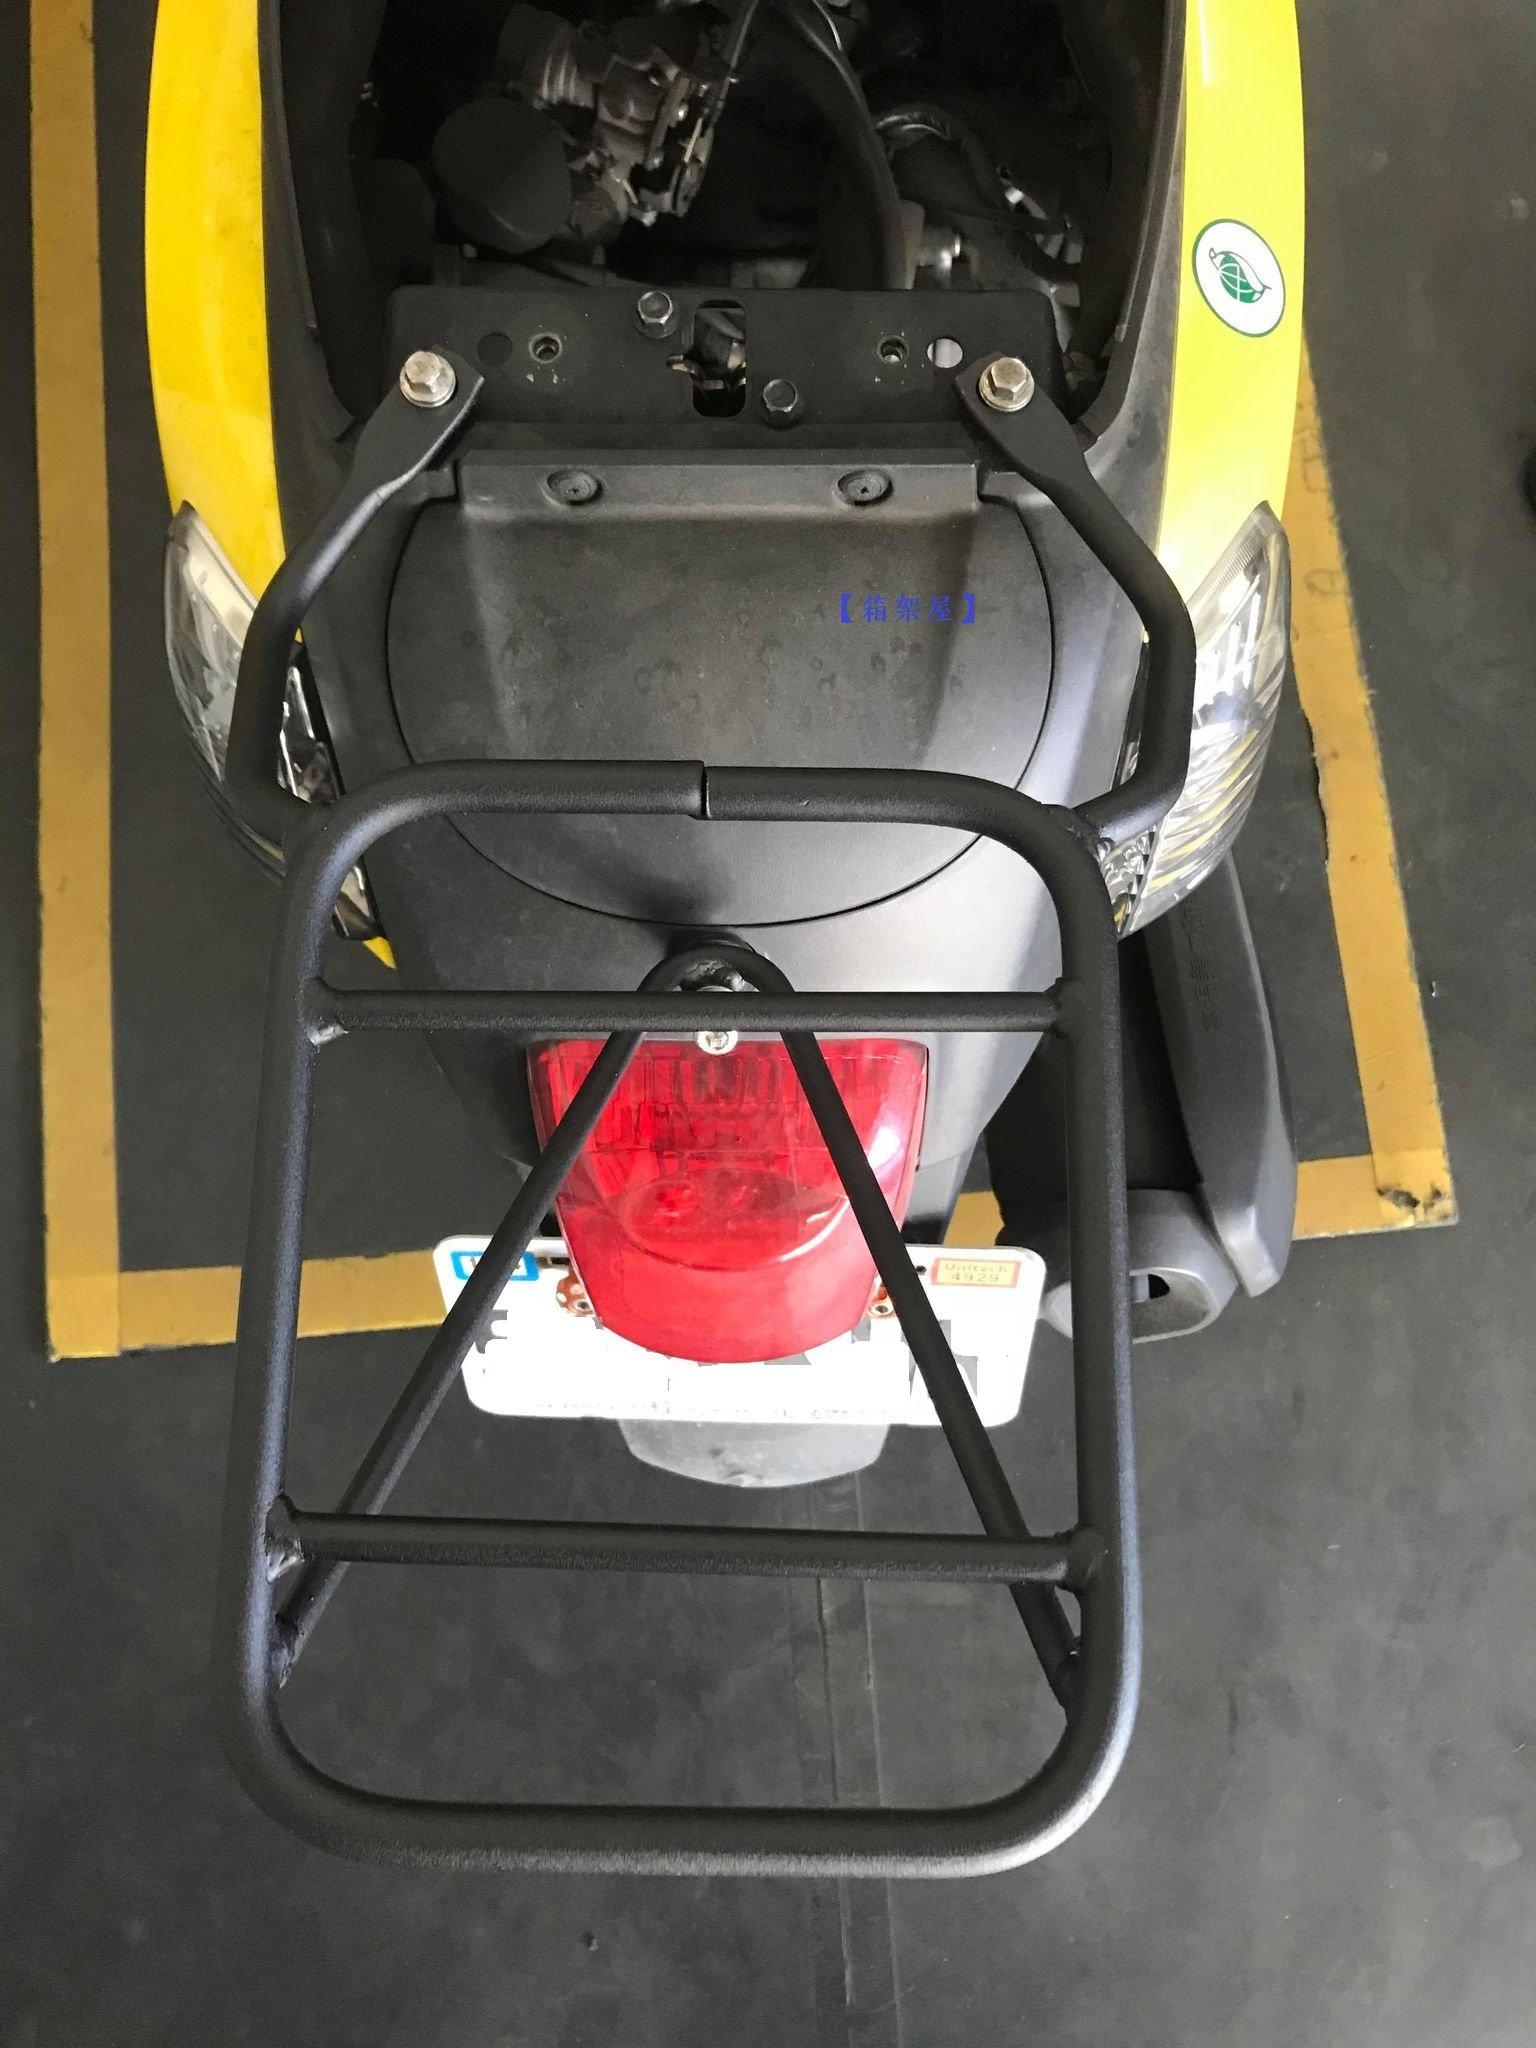 【箱架屋】機車後架 山葉 CUXI 100 QC New QC 100cc 通用型 後架 後箱架 後行李架 漢堡架 貨架